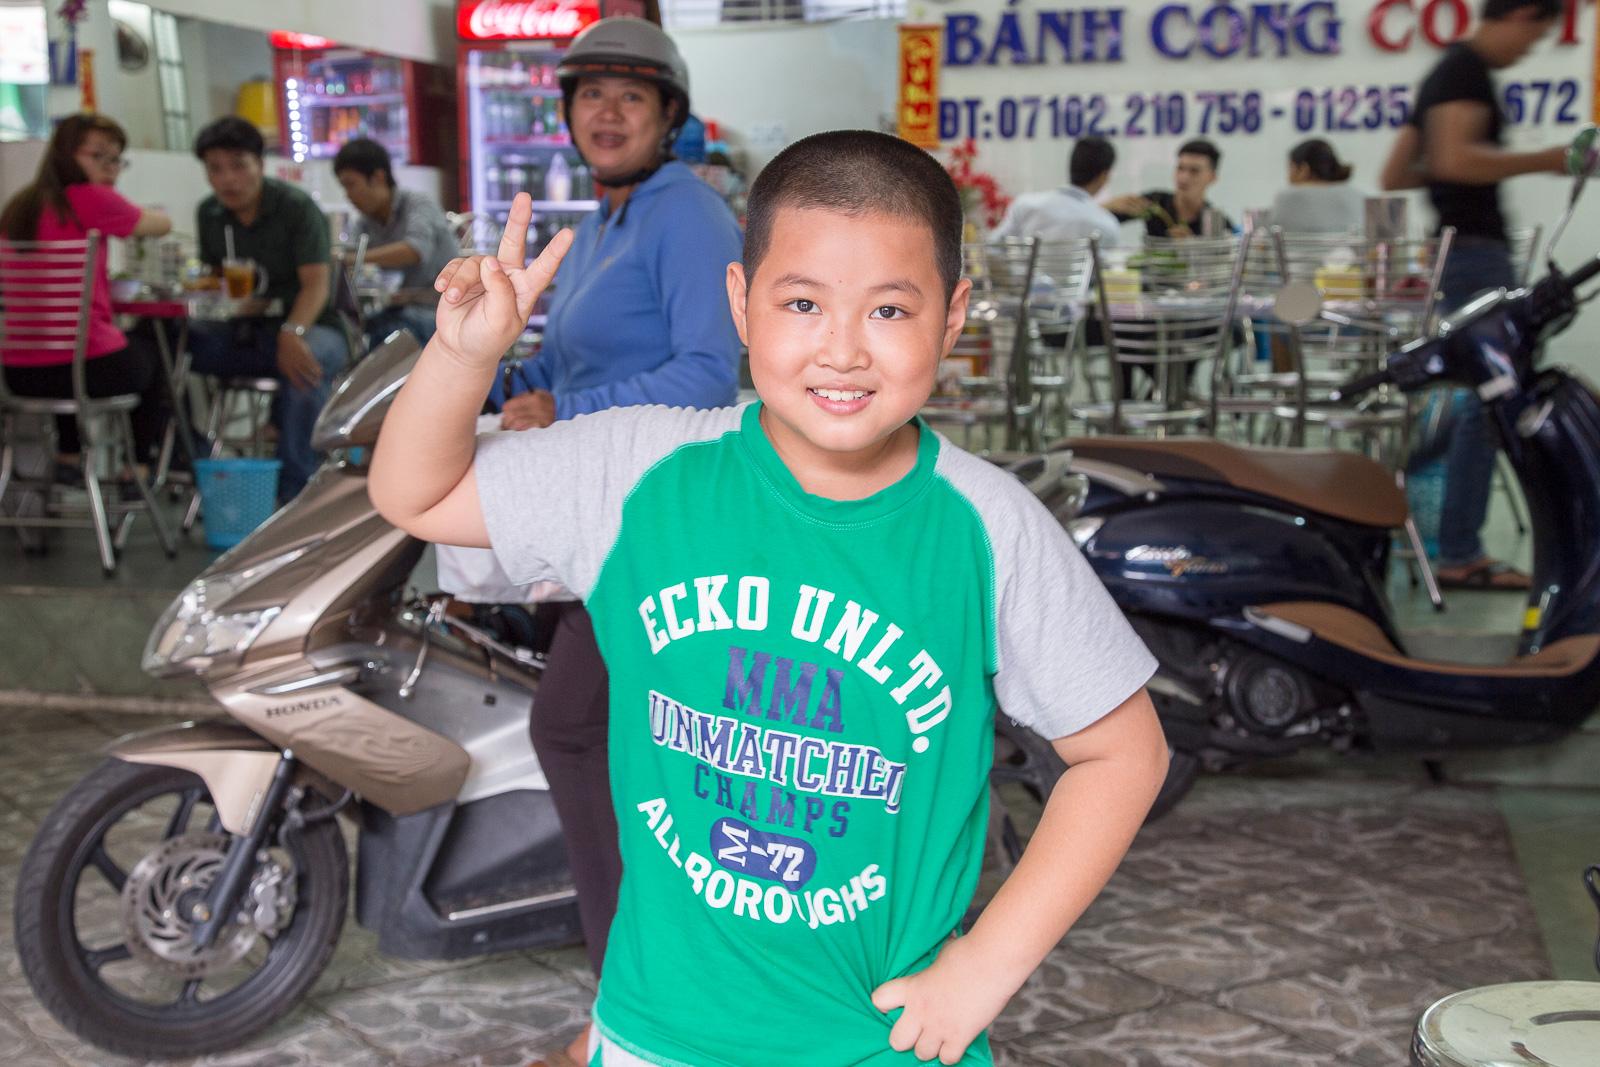 Photo bombed at Banh Cong Co Ut.